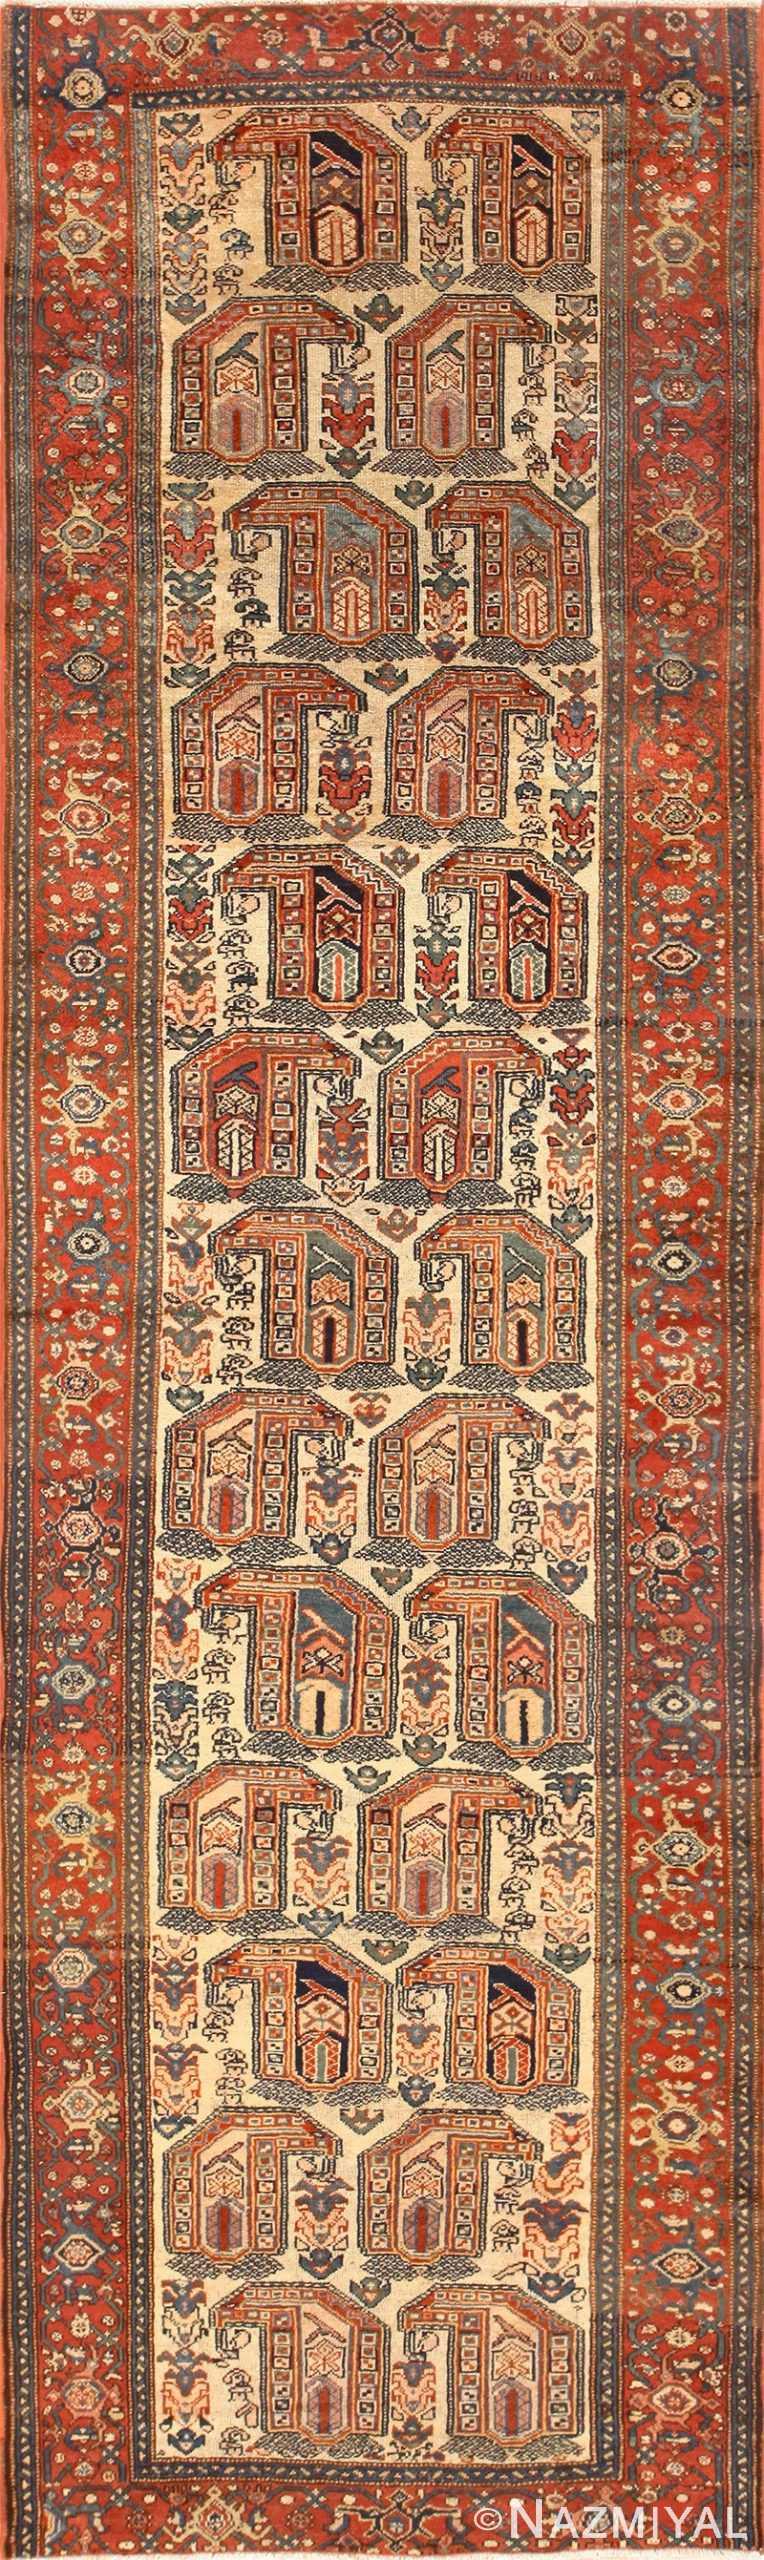 Antique Persian Malayer Runner Rug 50499 Nazmiyal